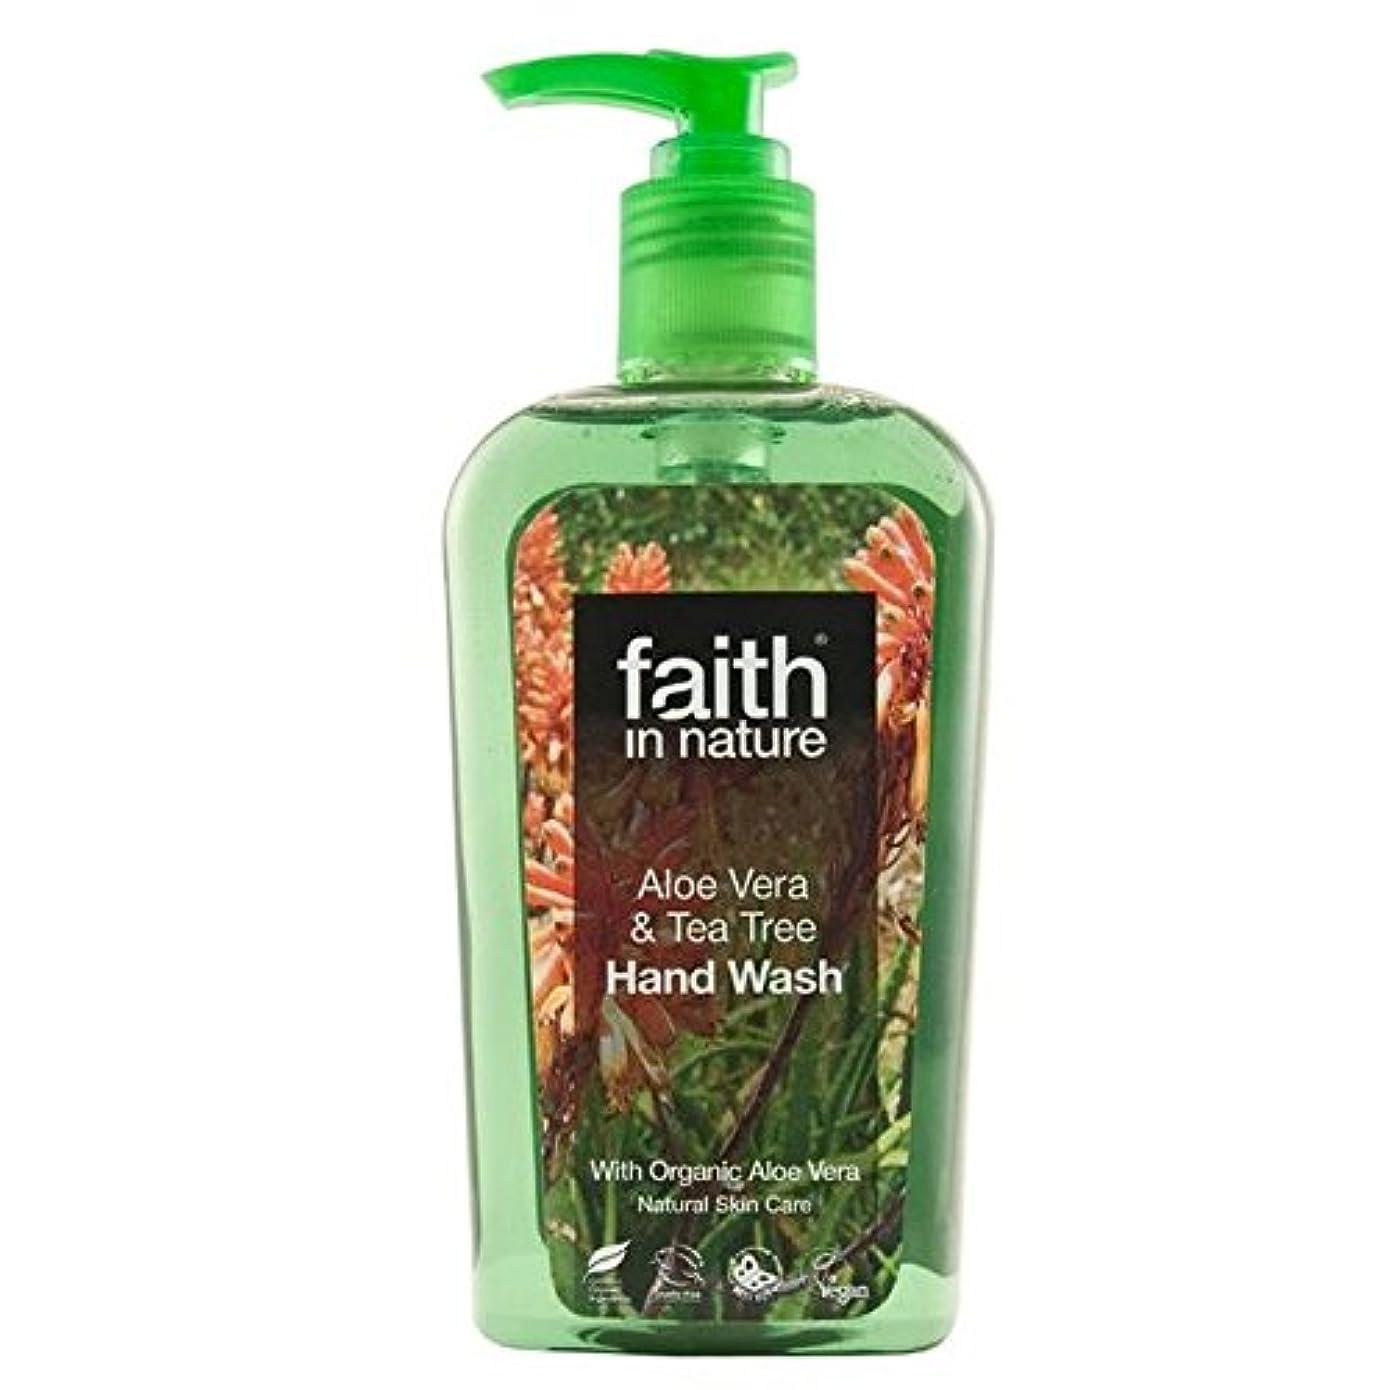 ヒューマニスティックコードレス続けるFaith in Nature Aloe Vera & Tea Tree Handwash 300ml - (Faith In Nature) 自然のアロエベラ&ティーツリー手洗いの300ミリリットルの信仰 [並行輸入品]